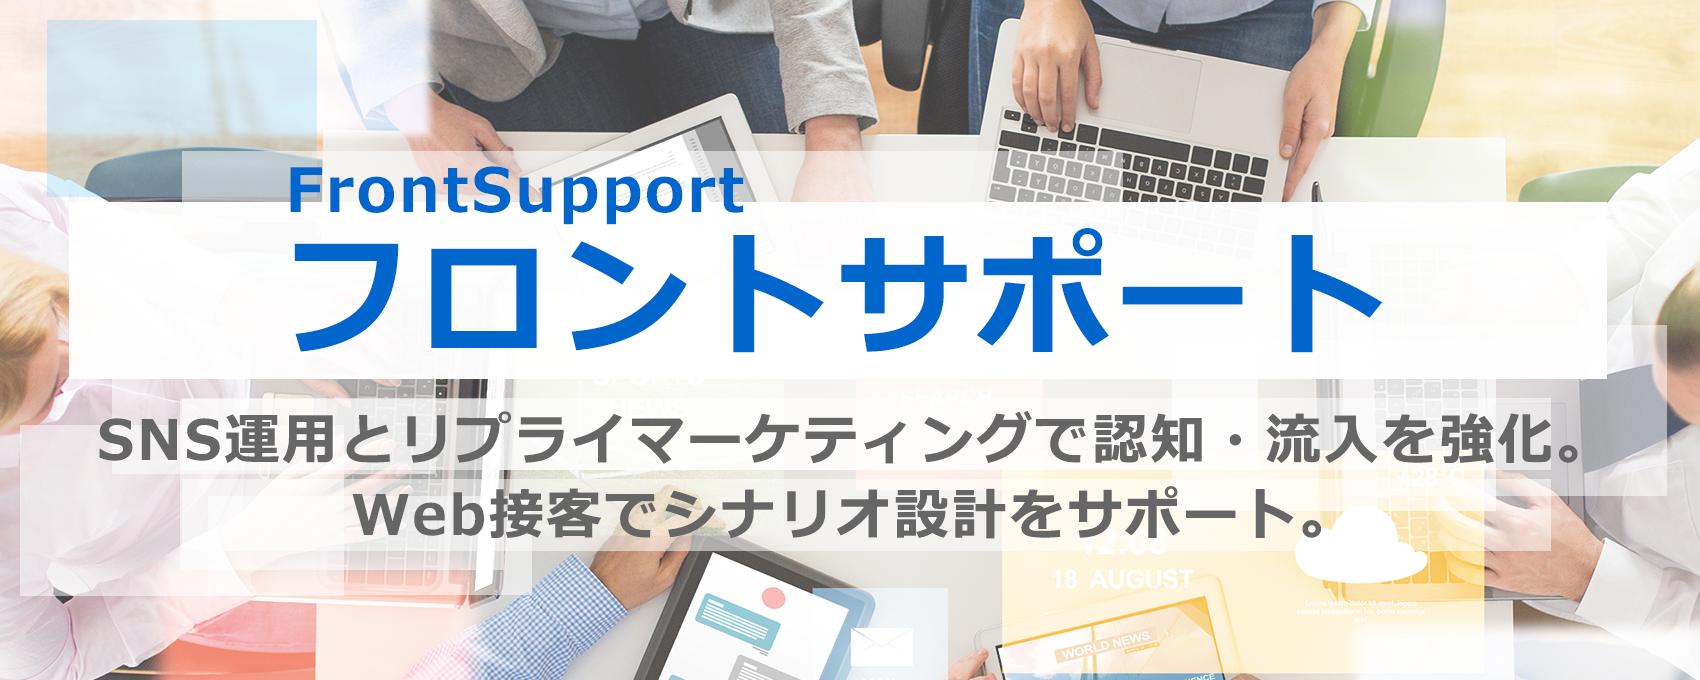 SNS運用とリプライマーケティングでサービス認知と流入を強化。Web接客ではシナリオ設計をサポート。